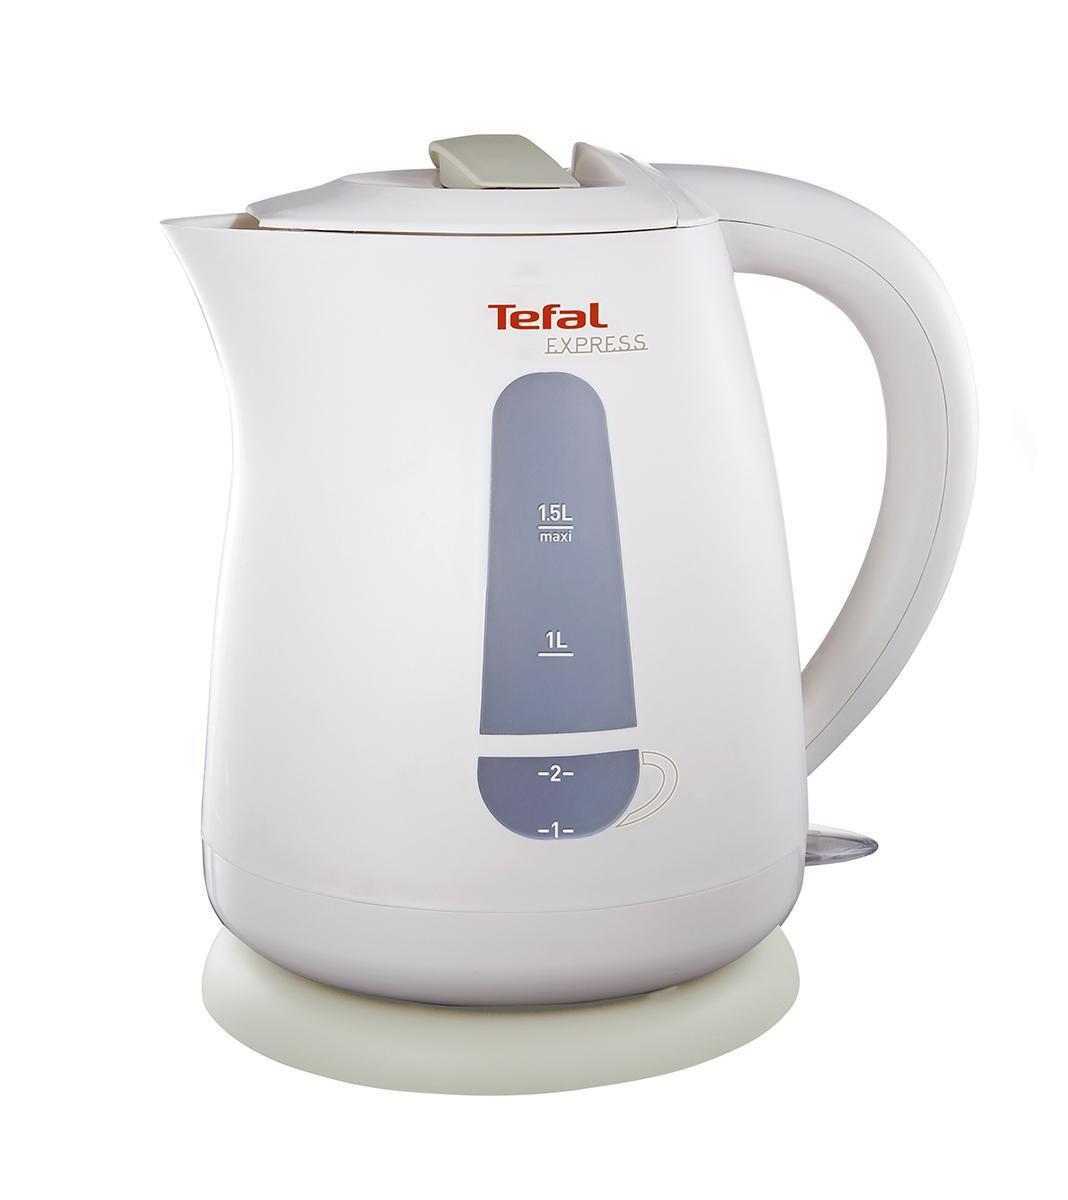 Электрический чайник Tefal Tefal KO299430 Express Plastic Blue, синий #1